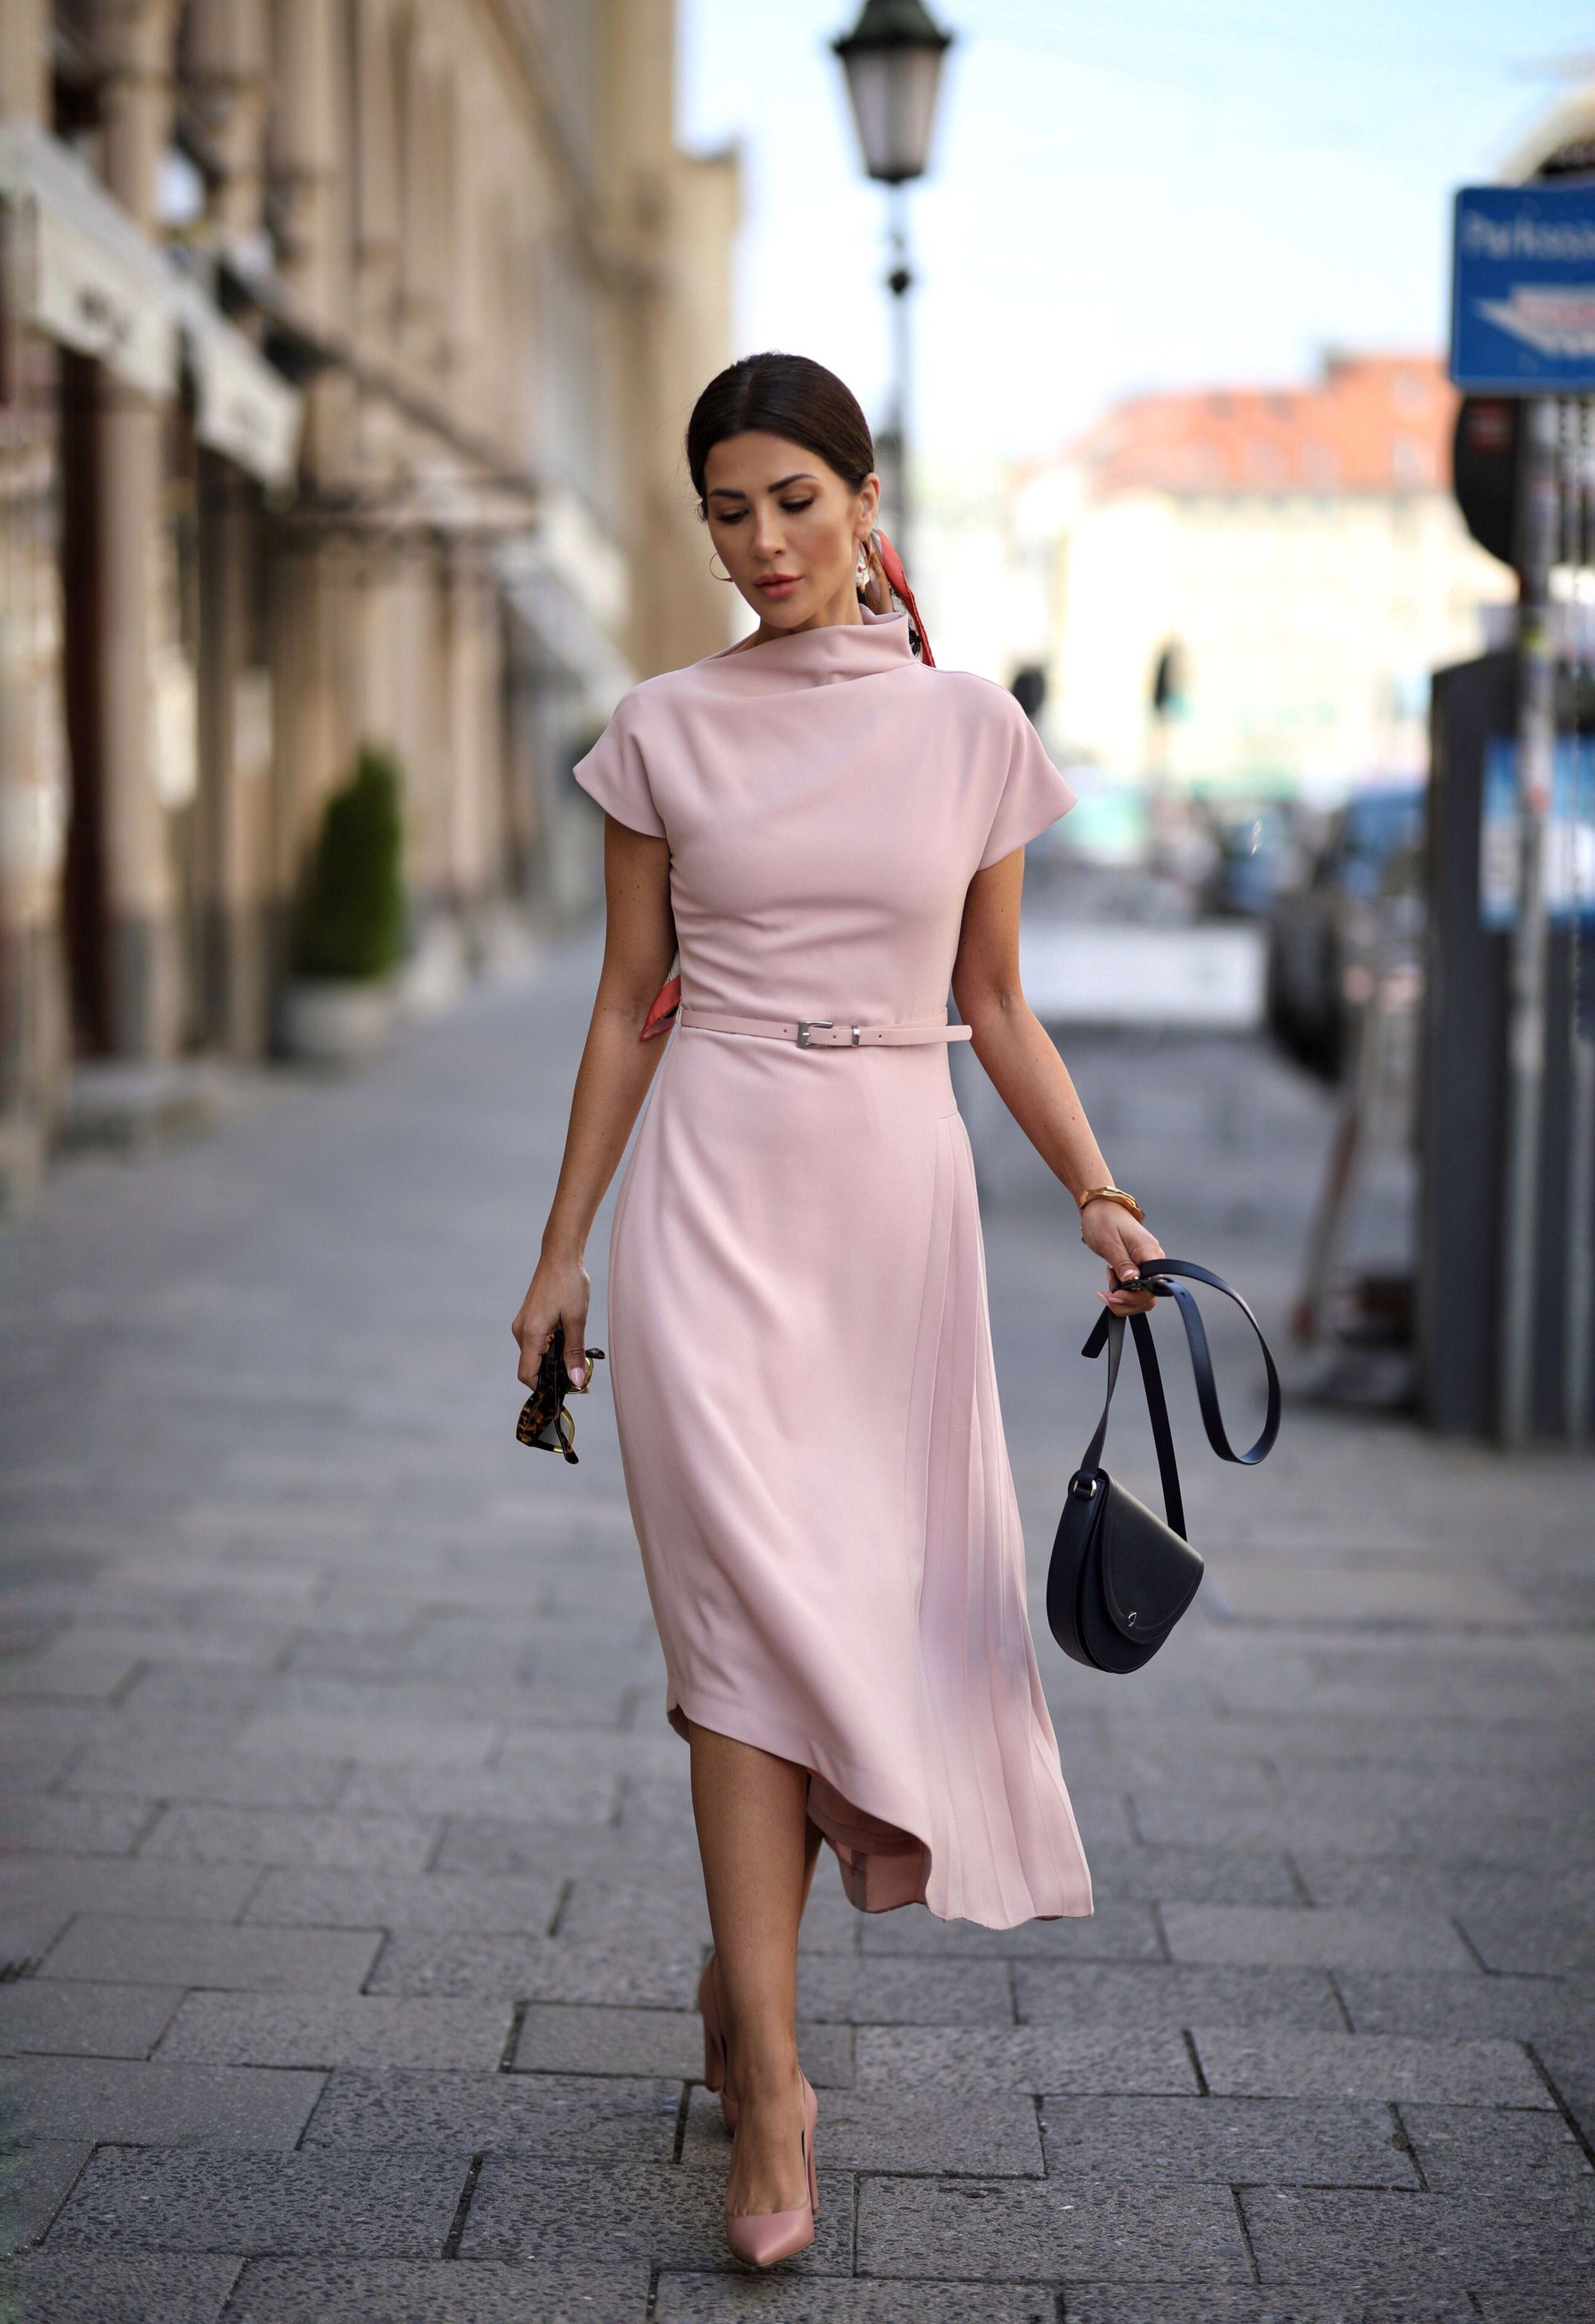 Kleid mit Stehkragen l MADELEINE Mode  Kleid mit stehkragen